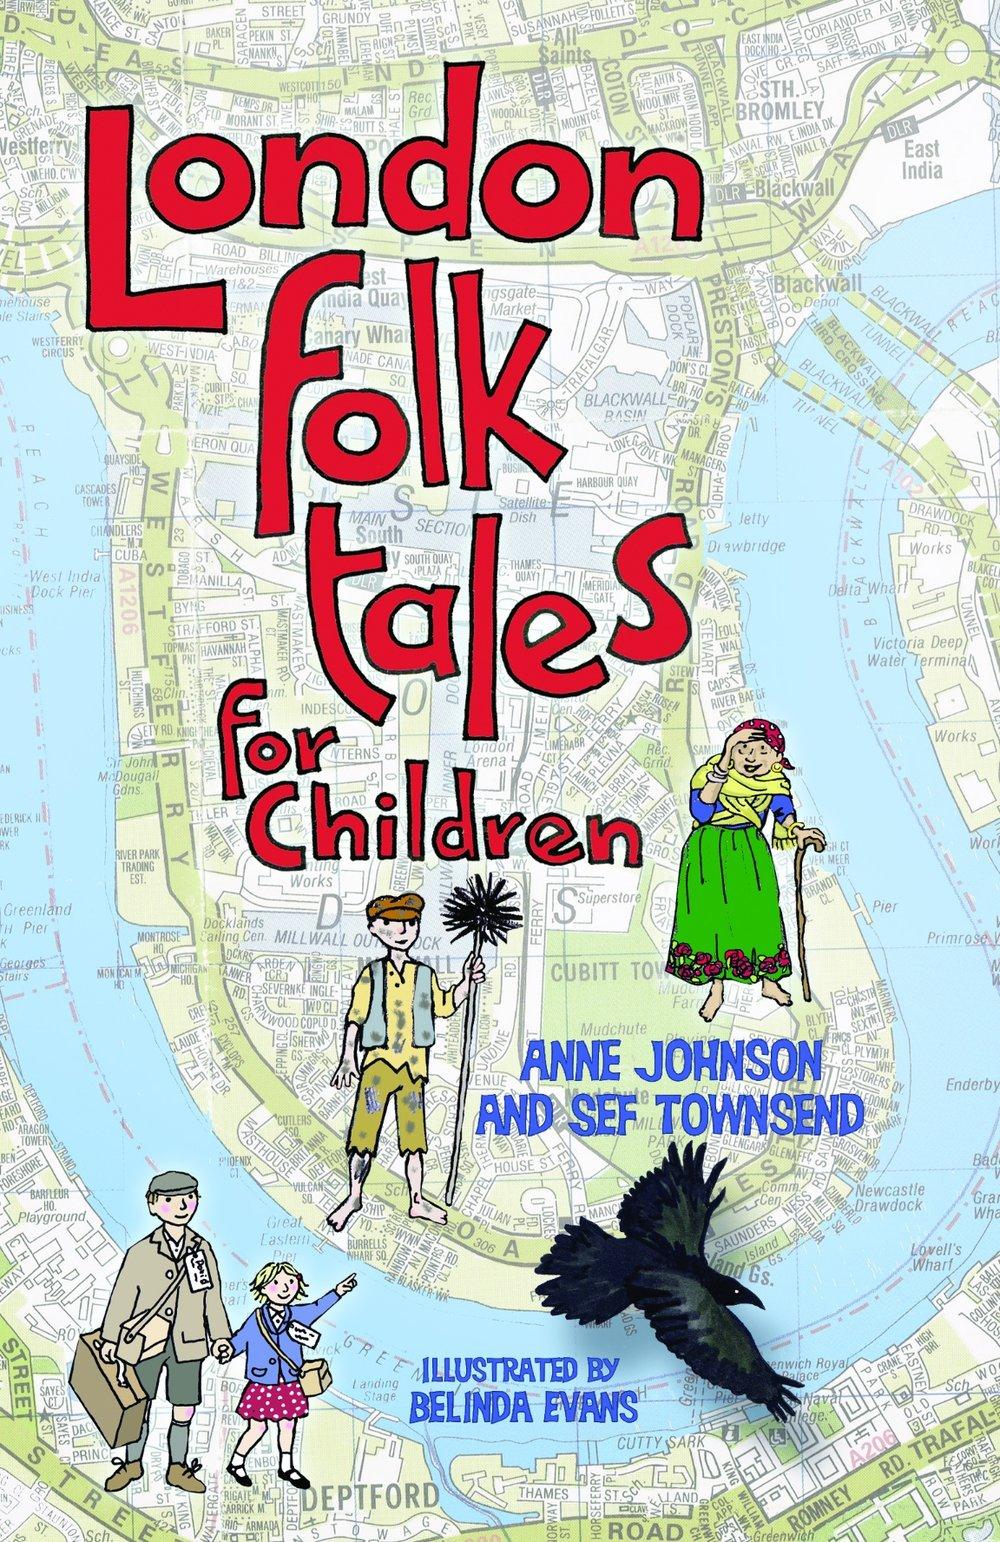 London FTFC cover.JPG_resized.jpg